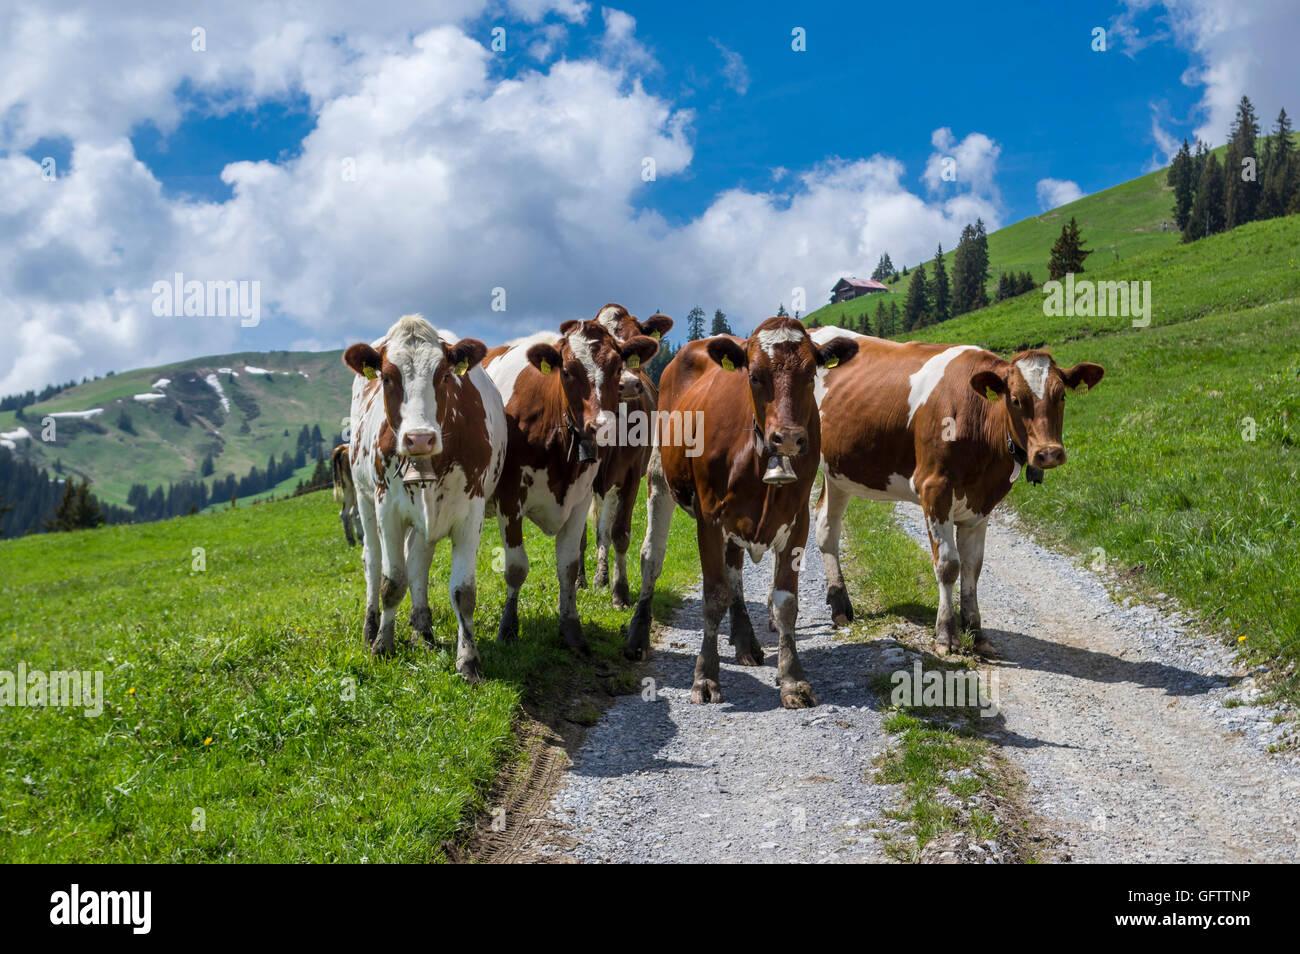 El ganado joven bloqueando una carretera de montaña en Suiza. Imagen De Stock